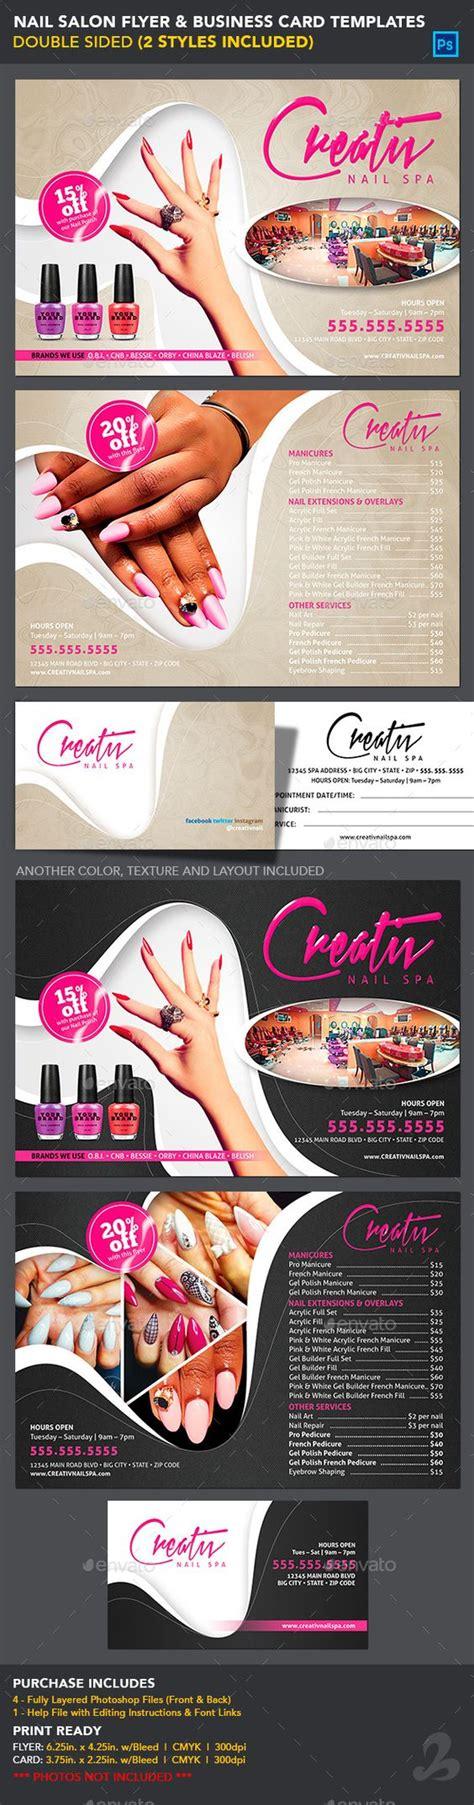 flyer templates nail salon nail salon flyer business card templates business card